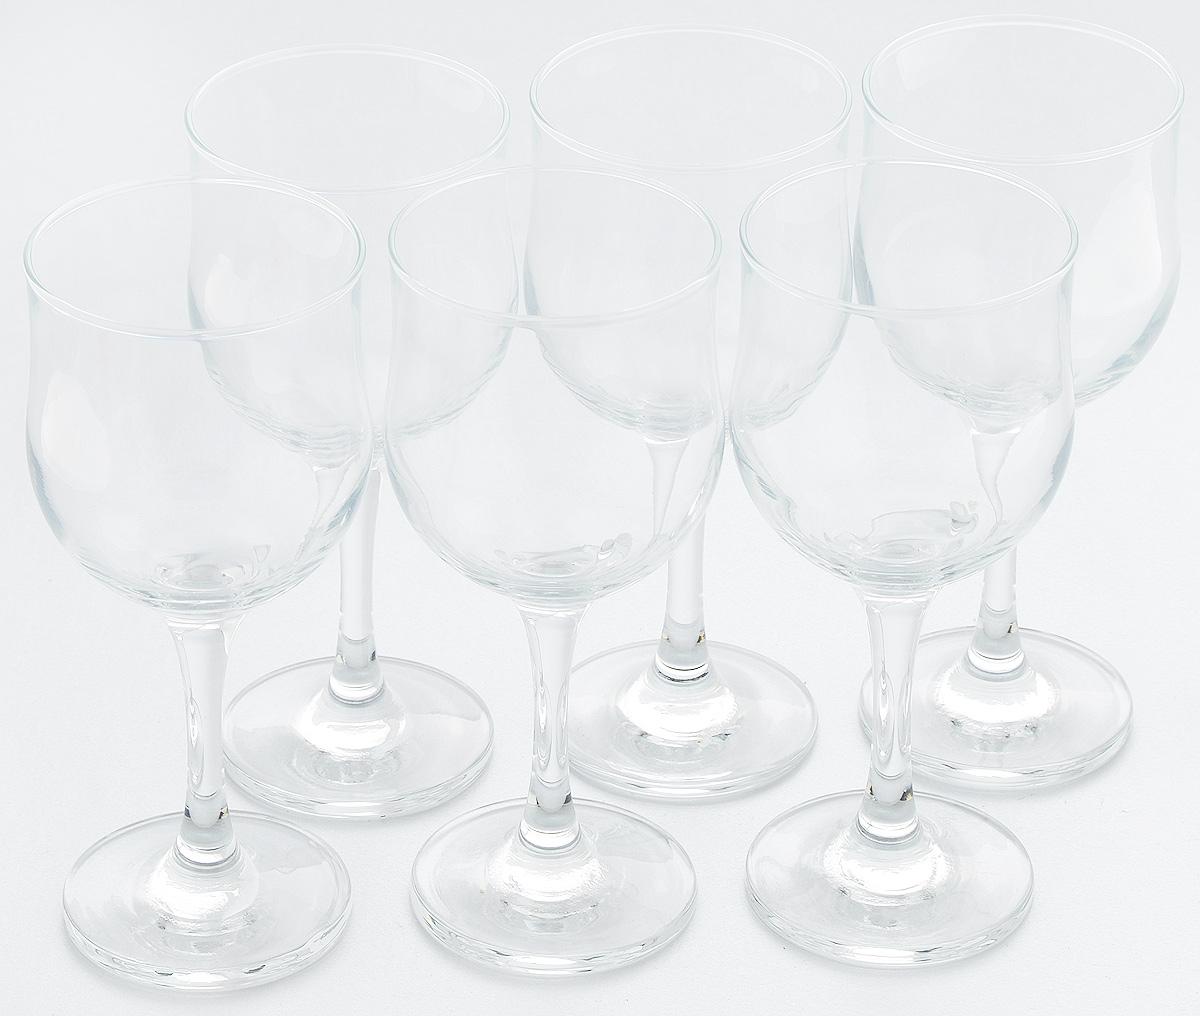 Набор бокалов для красного вина Pasabahce Tulipe, 240 мл, 6 шт44163BНабор Pasabahce Tulipe состоит из 6 бокалов, выполненных из прочного натрий-кальций-силикатного стекла. Изделия оснащены высокими ножками и предназначены для подачи красного вина. Они сочетают в себе элегантный дизайн и функциональность. Набор бокалов Pasabahce Tulipe прекрасно оформит праздничный стол и создаст приятную атмосферу за романтическим ужином. Такой набор также станет хорошим подарком к любому случаю. Высота бокала: 16 см.